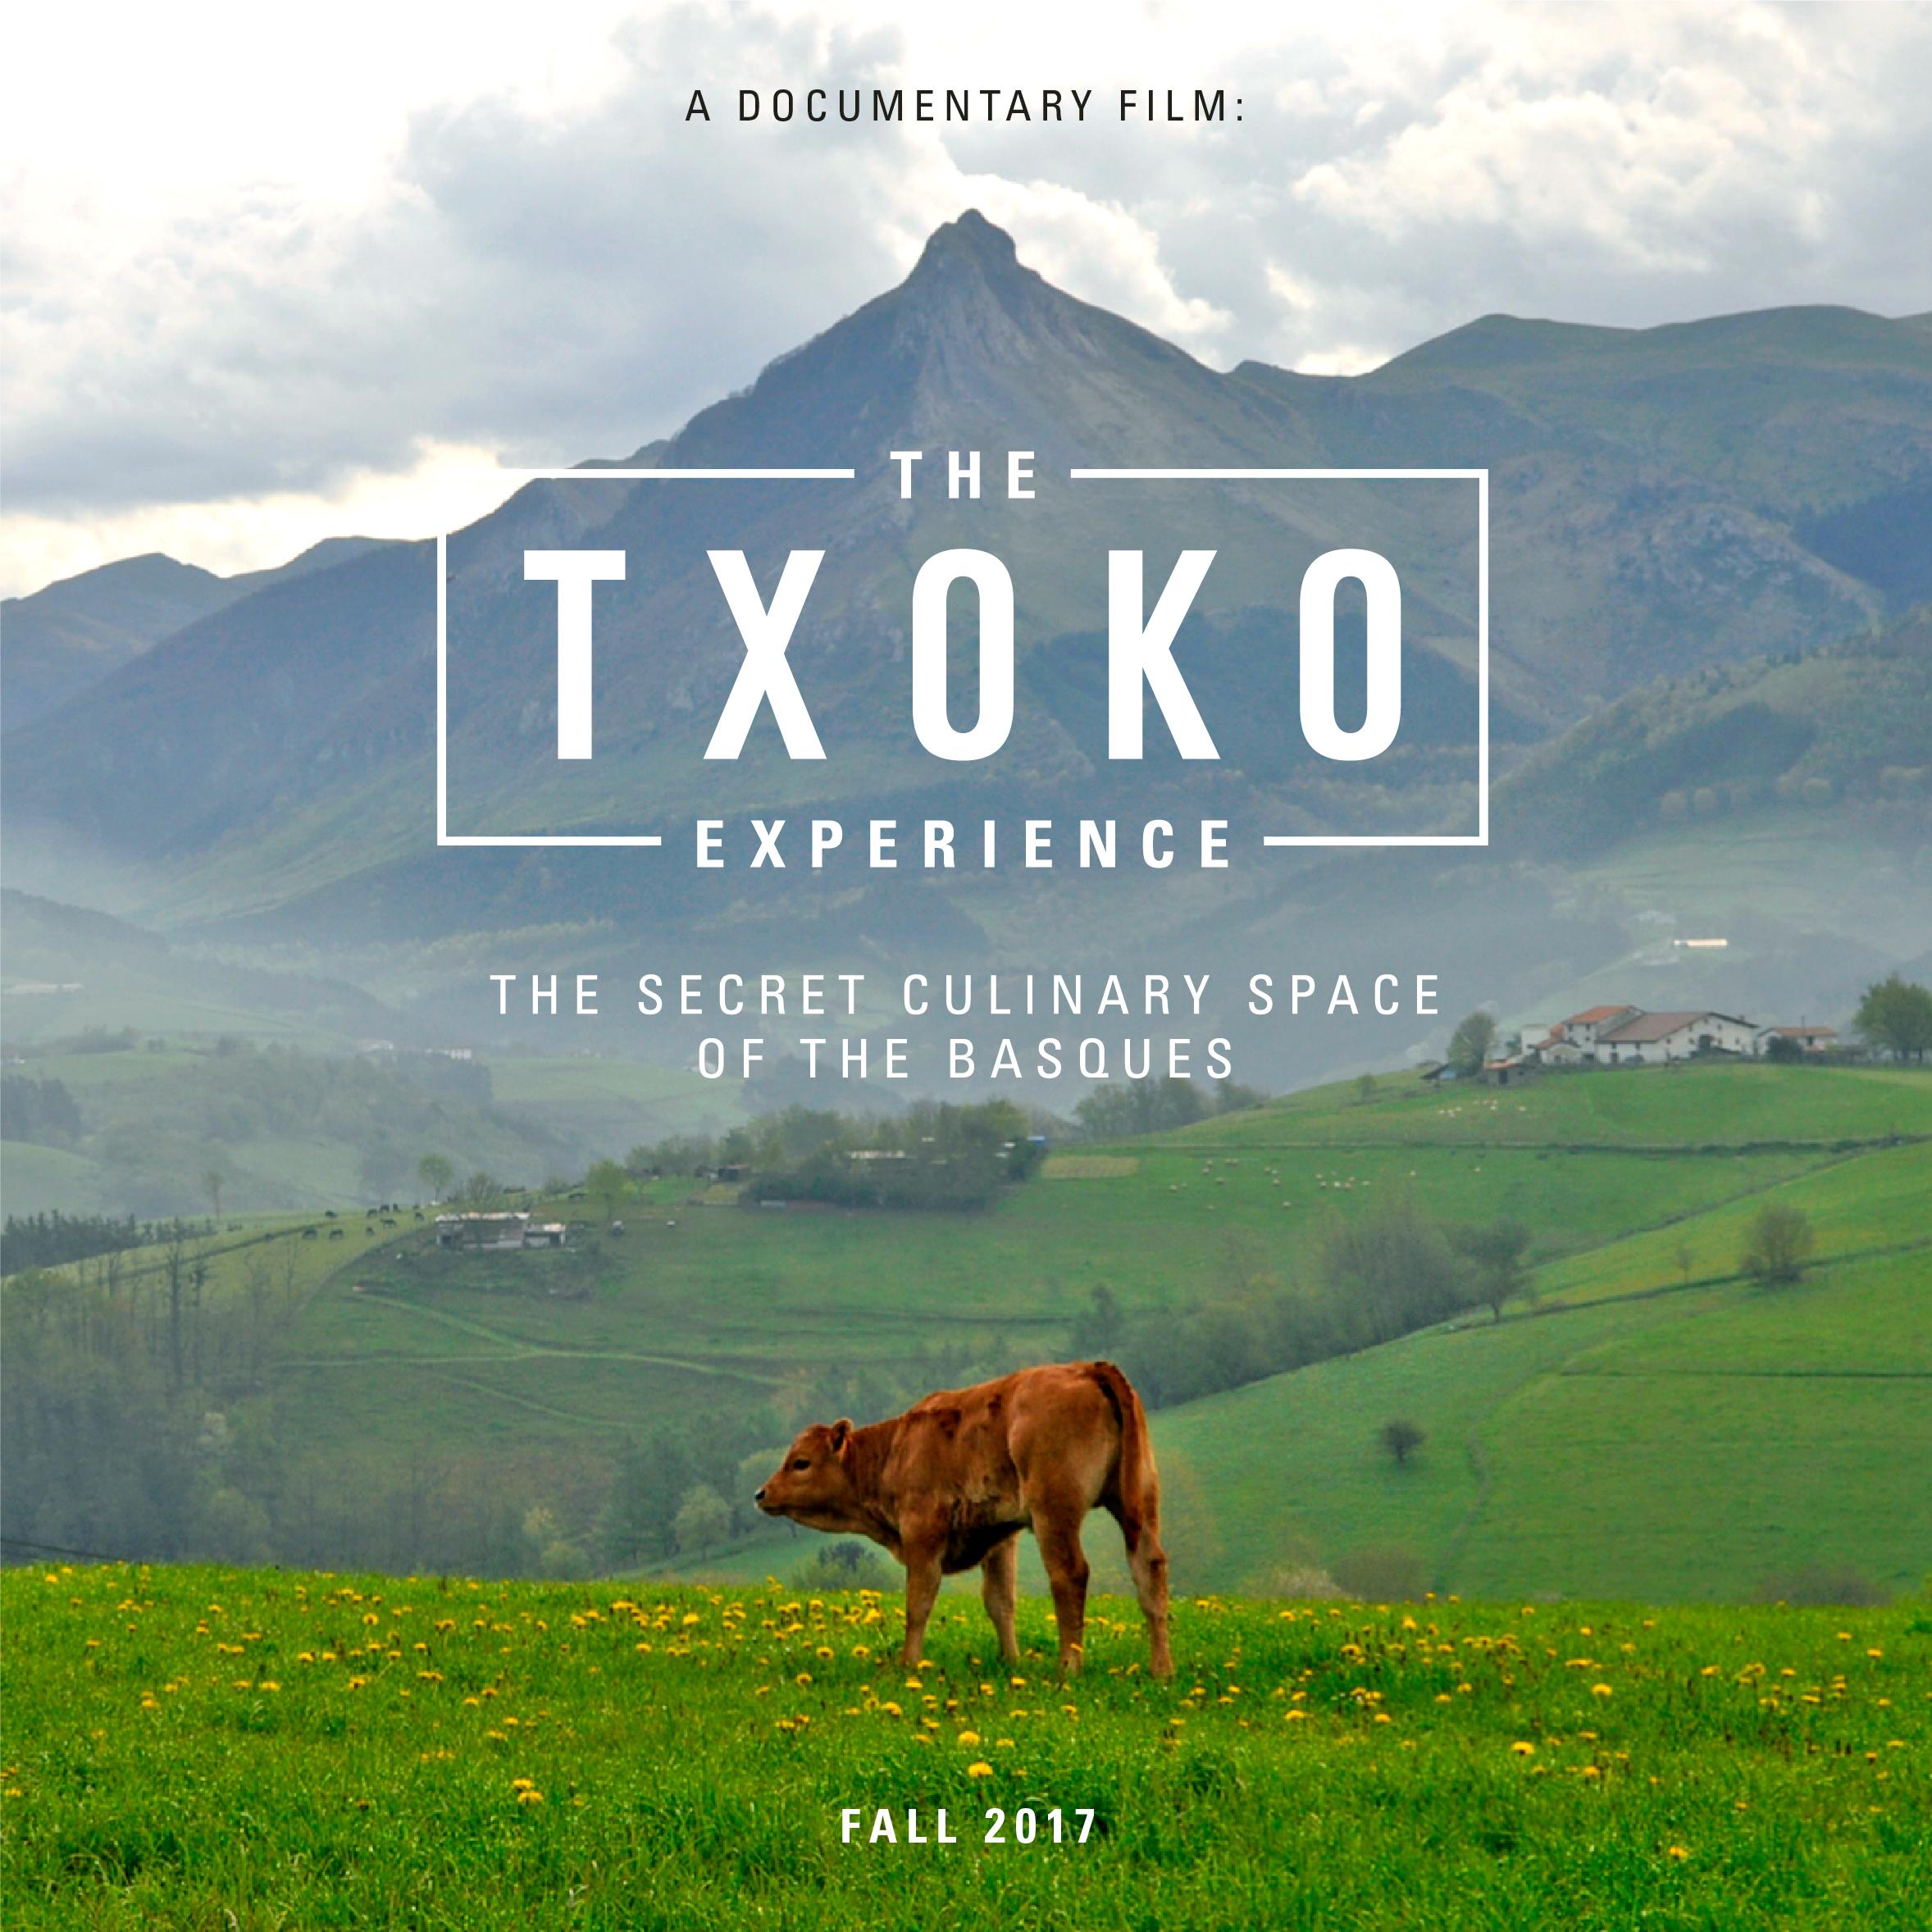 The Txoko Experience, documental gastronómico rodado con la nueva LUMIX GH5